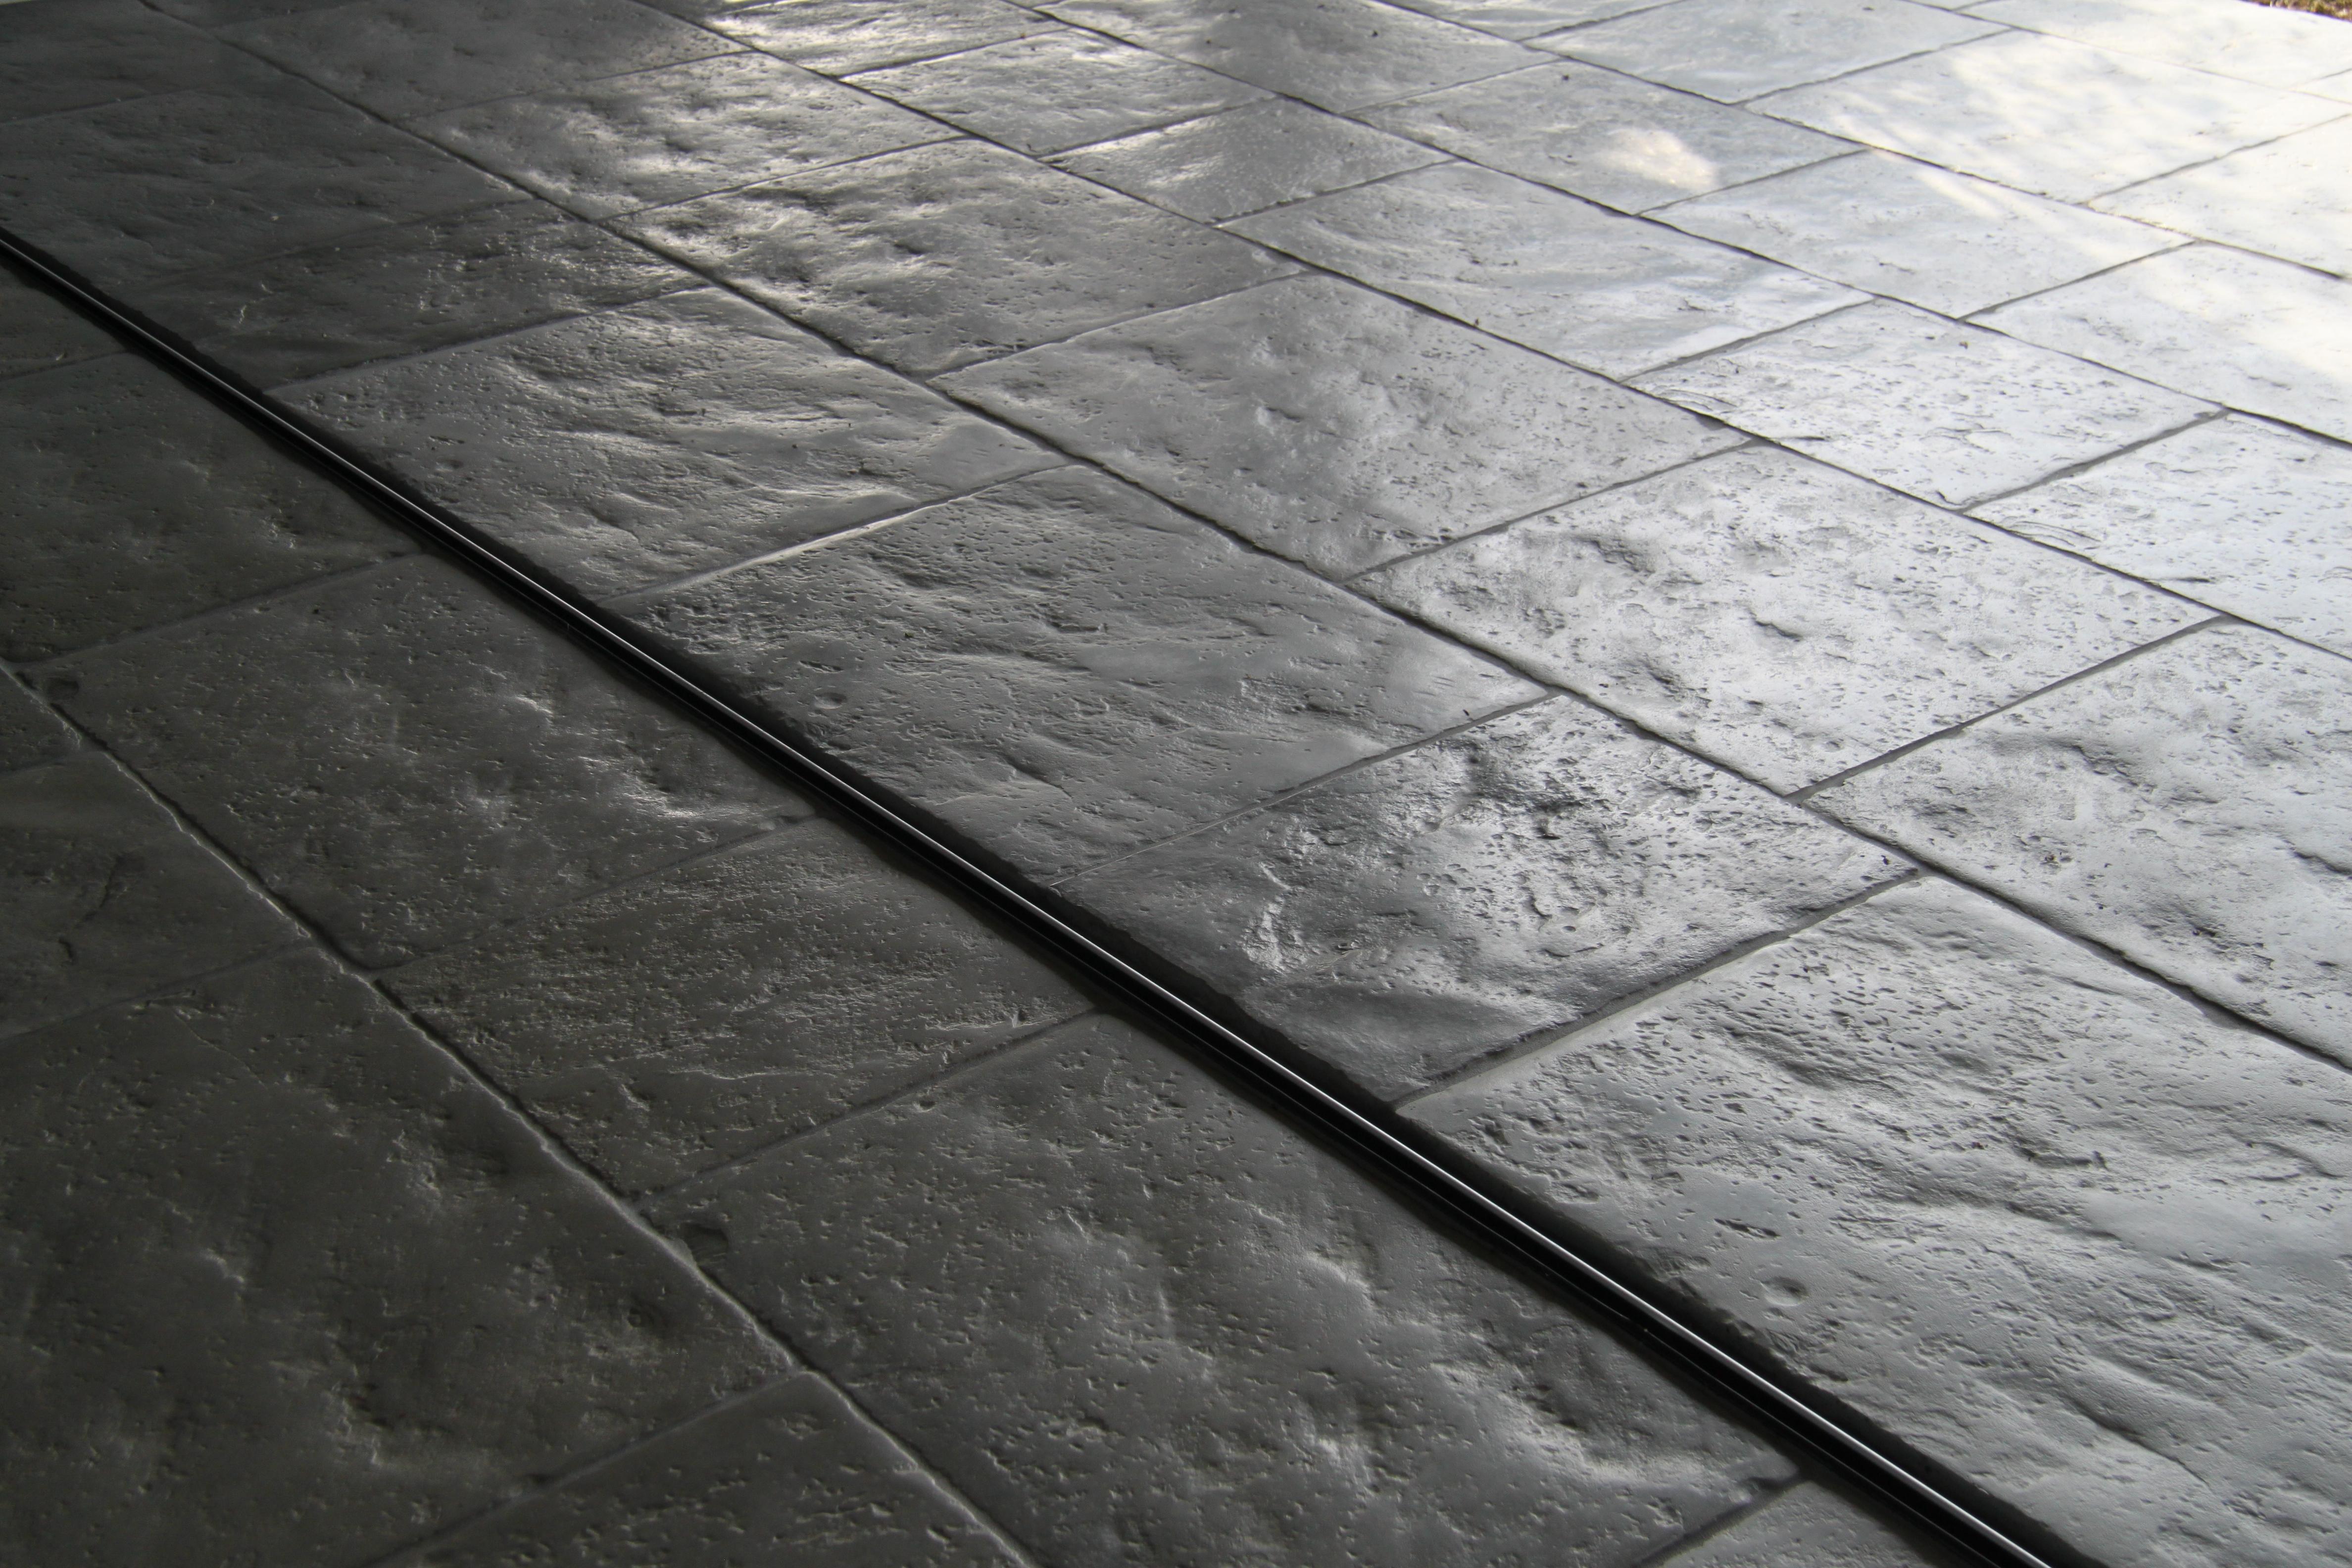 Charmant Impermeabilisant Sols Murs Effet Mouille Protege Et Impermeabilise Les  Sols, Les Dalles